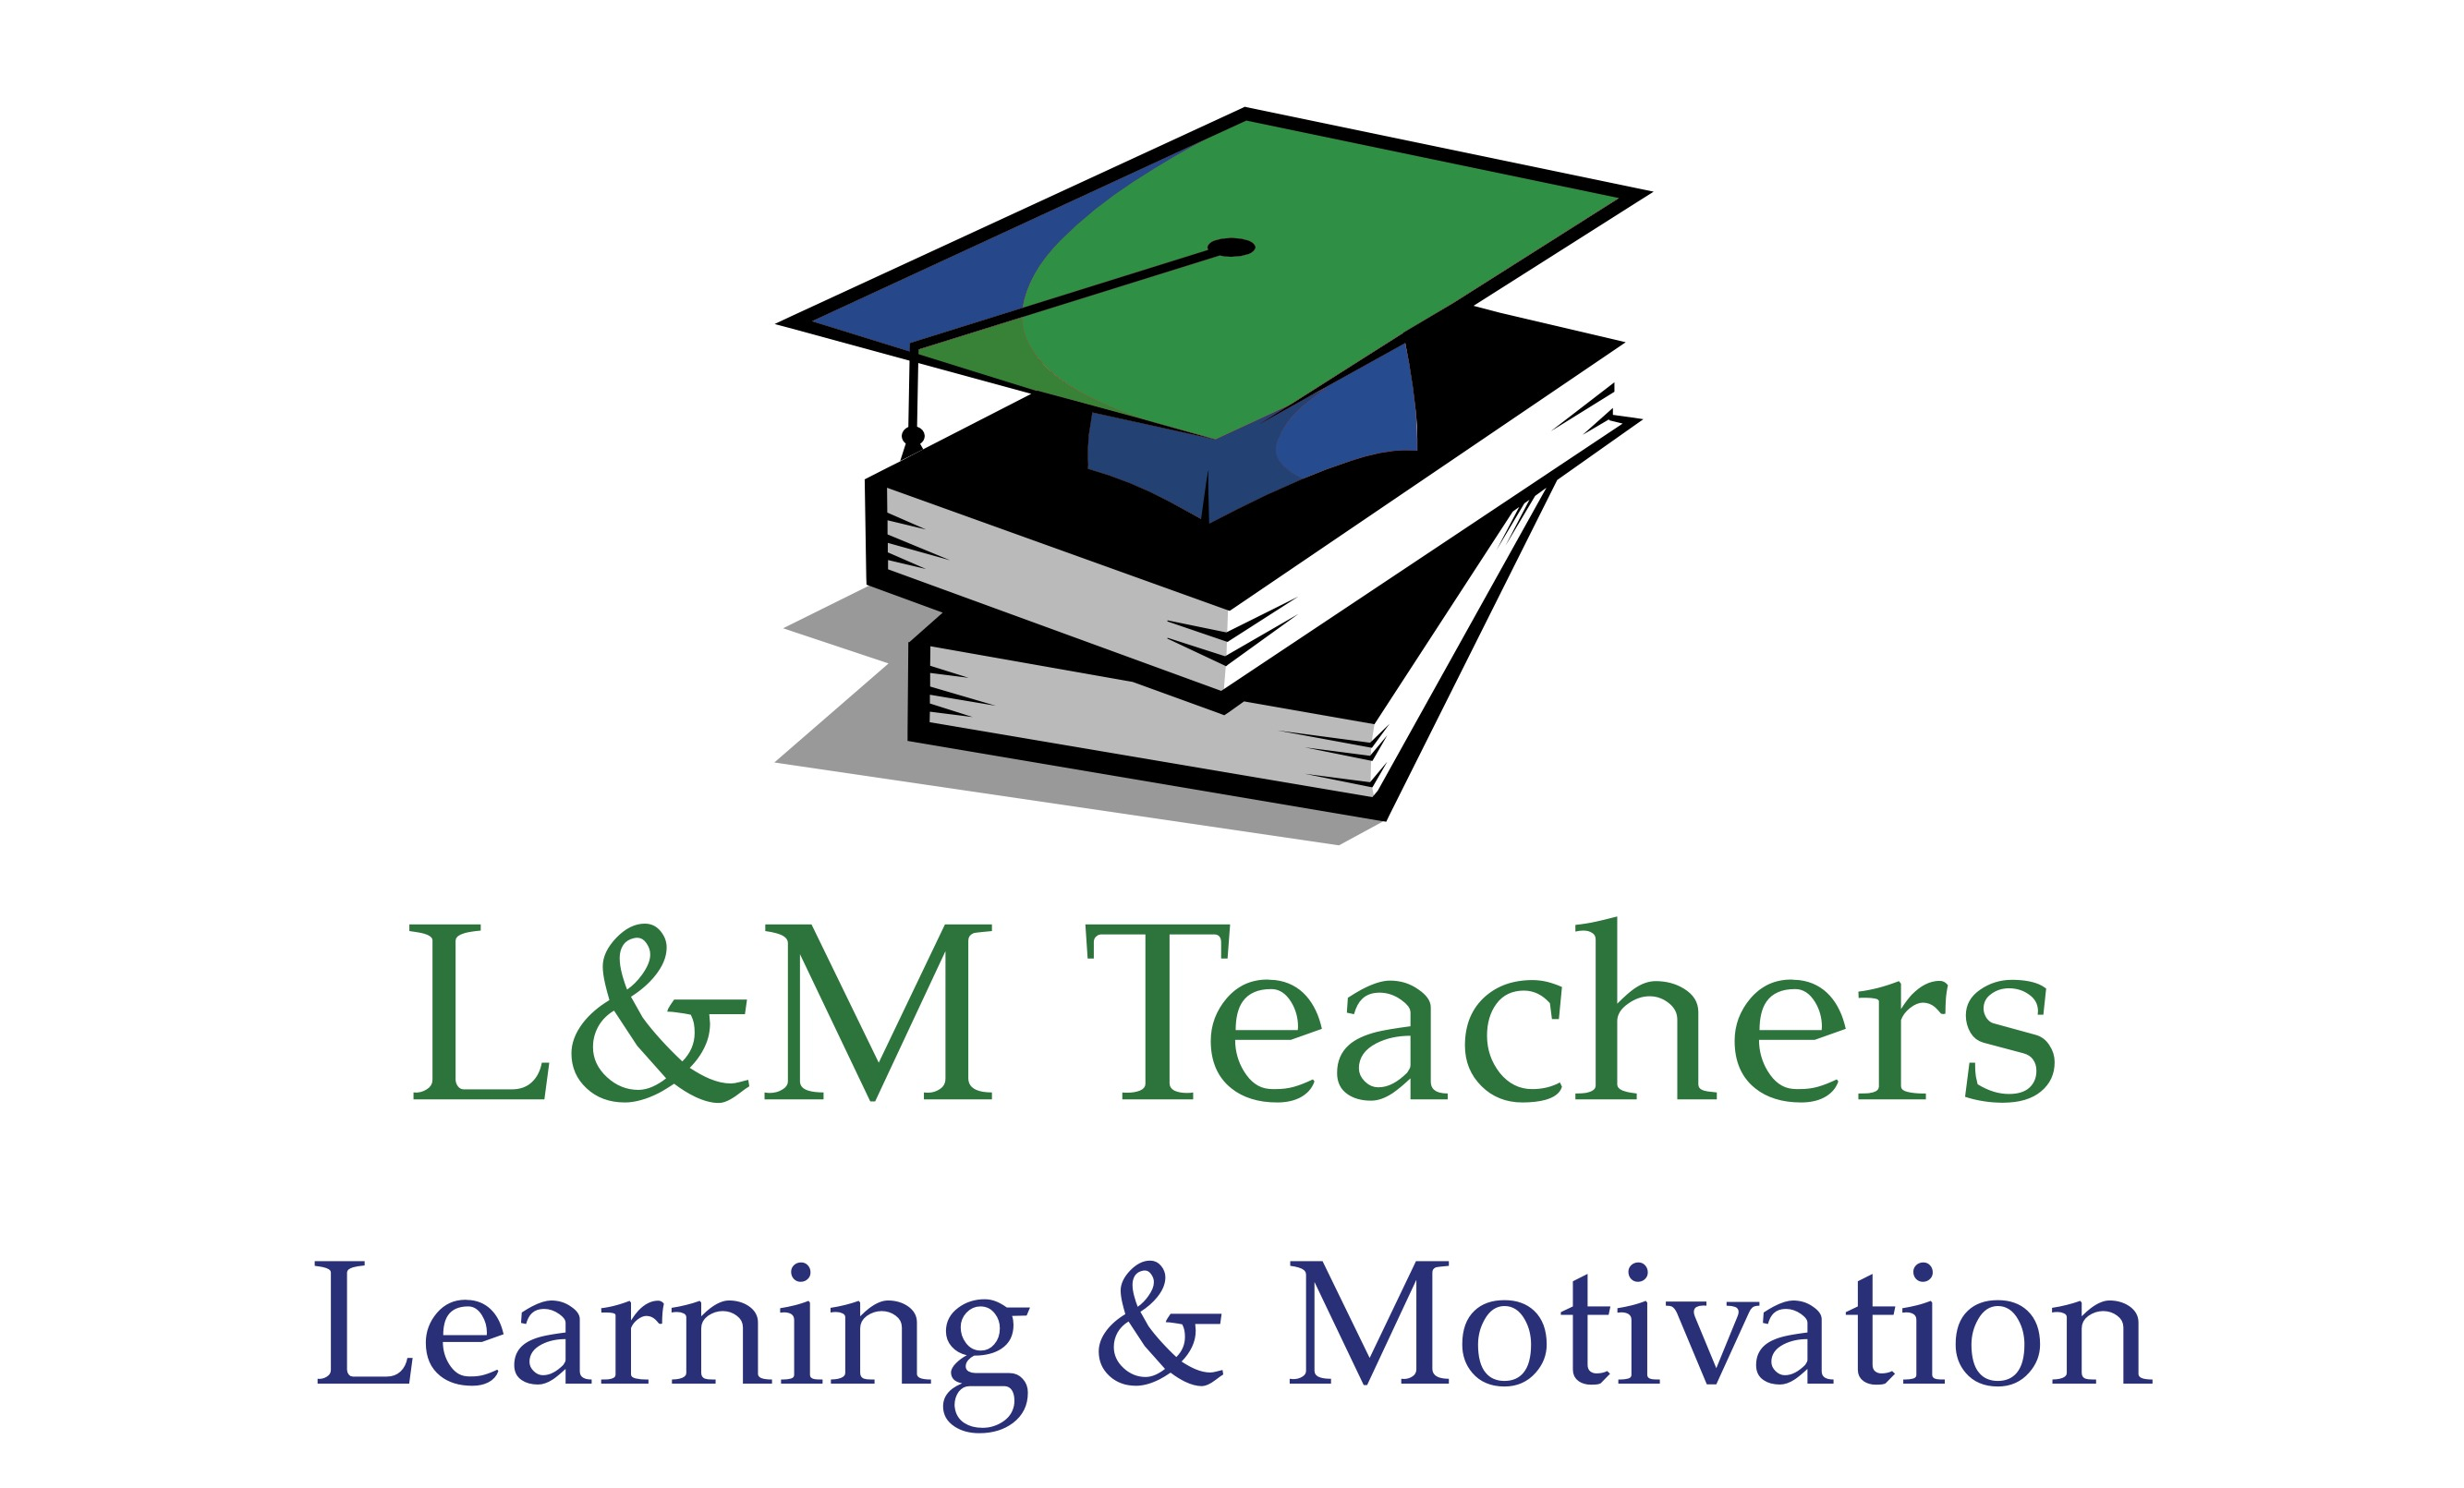 L&M Teachers